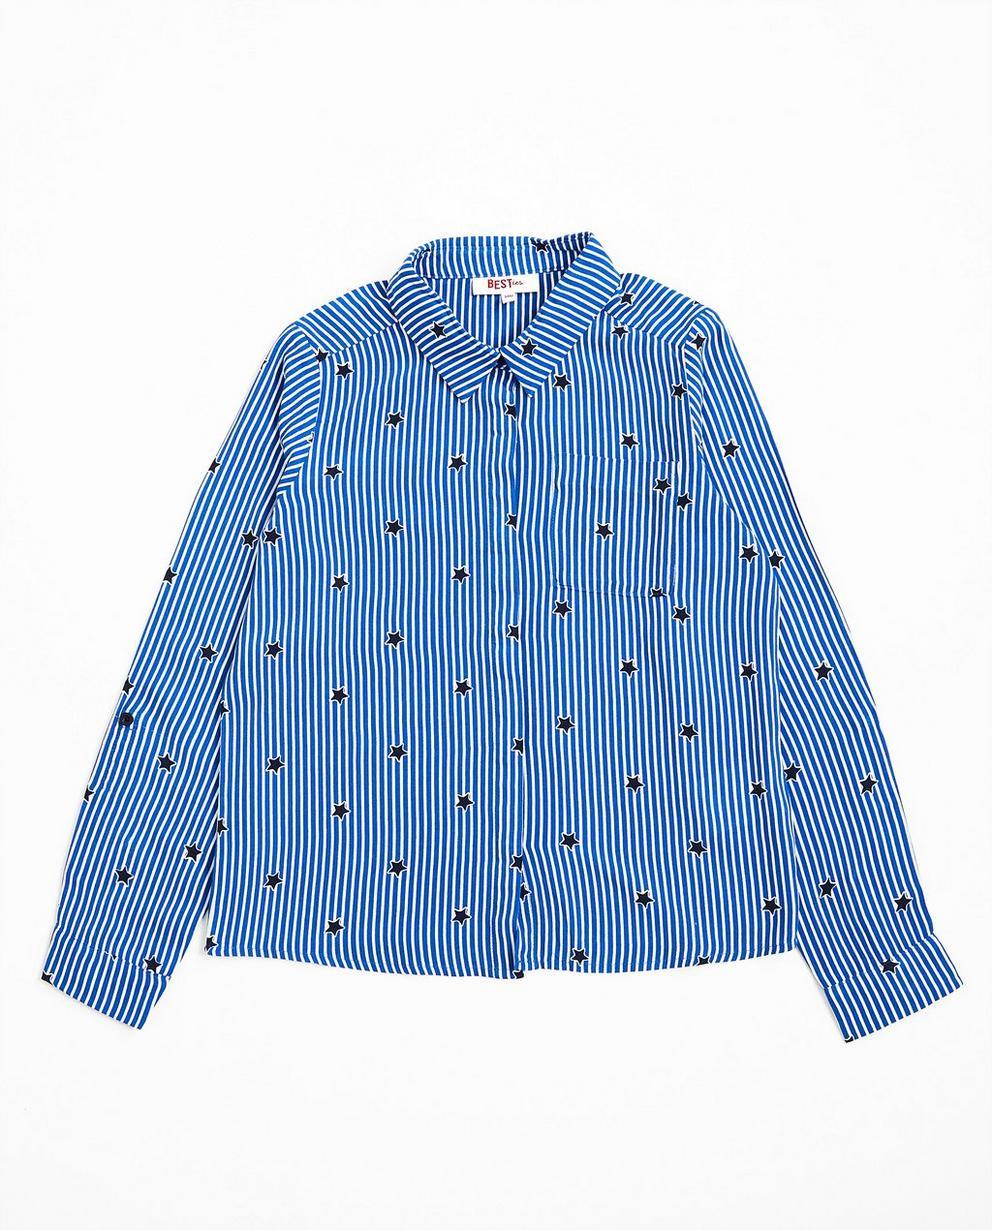 Blau-weiß Hemd - mit Sternenprint - Best price